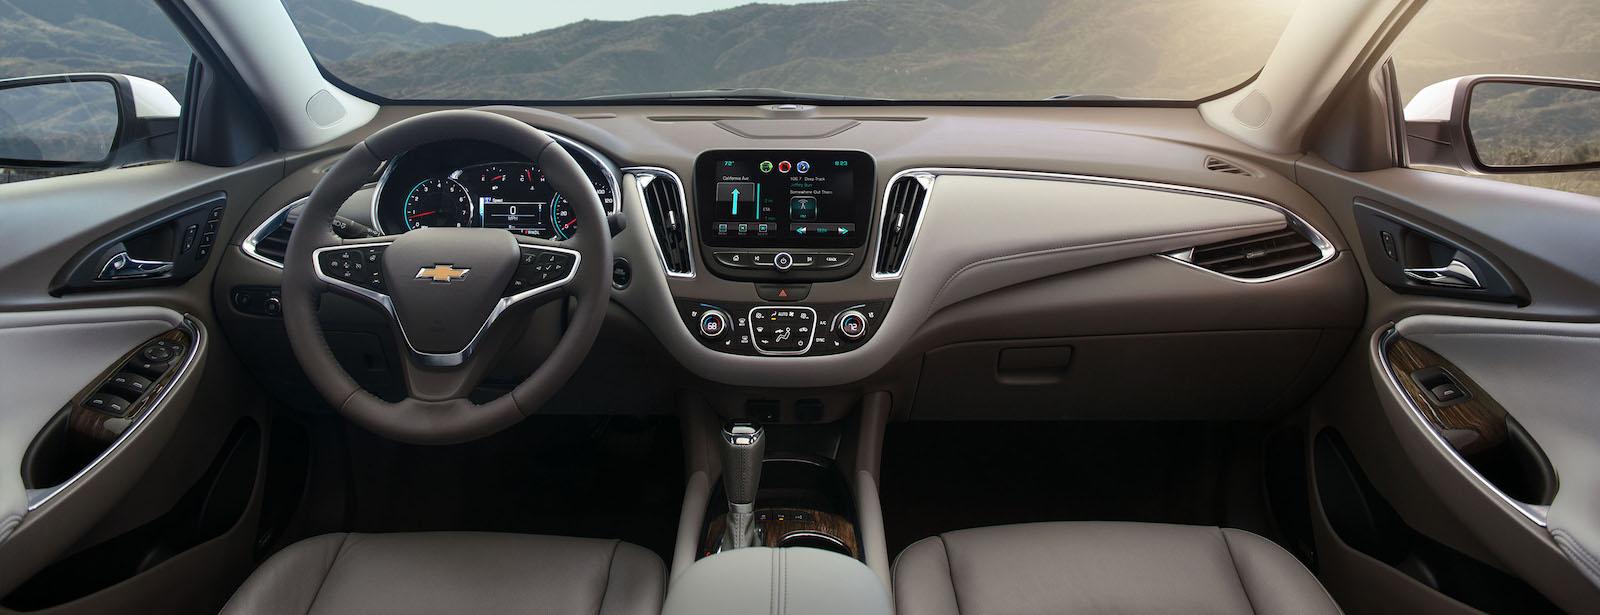 2016 Chevy Malibu Technology